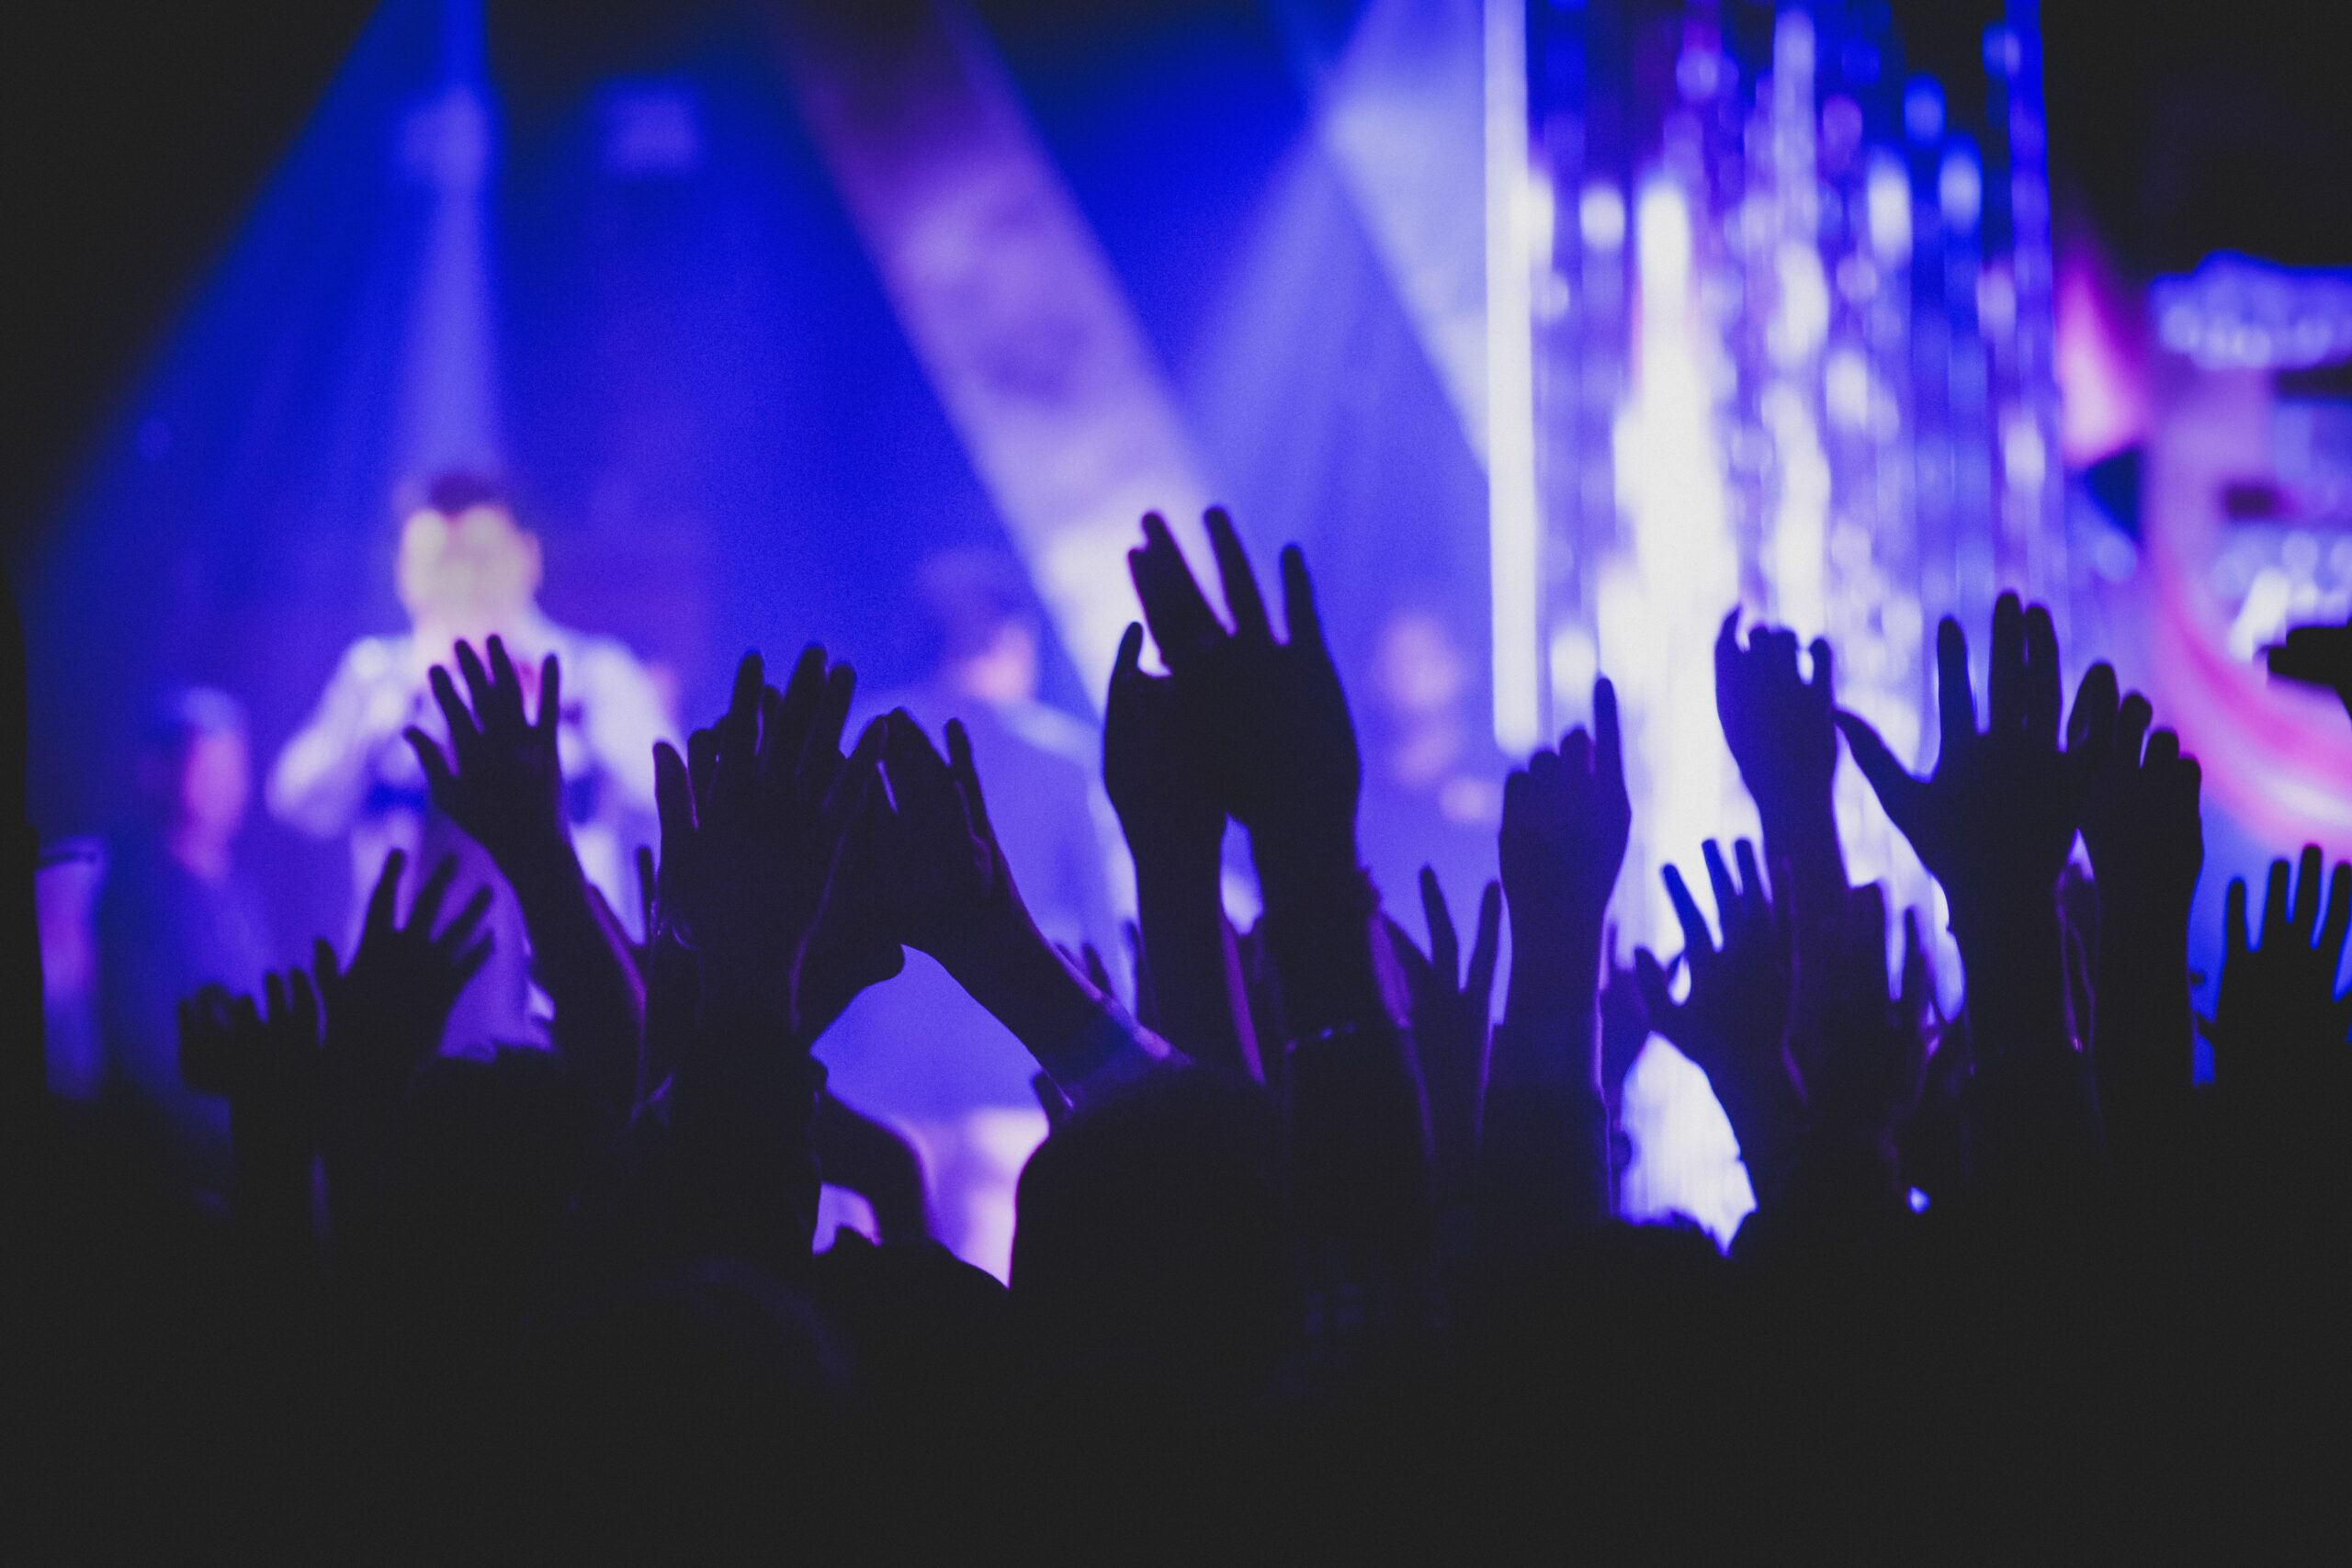 Gente con manos levantadas en un concierto